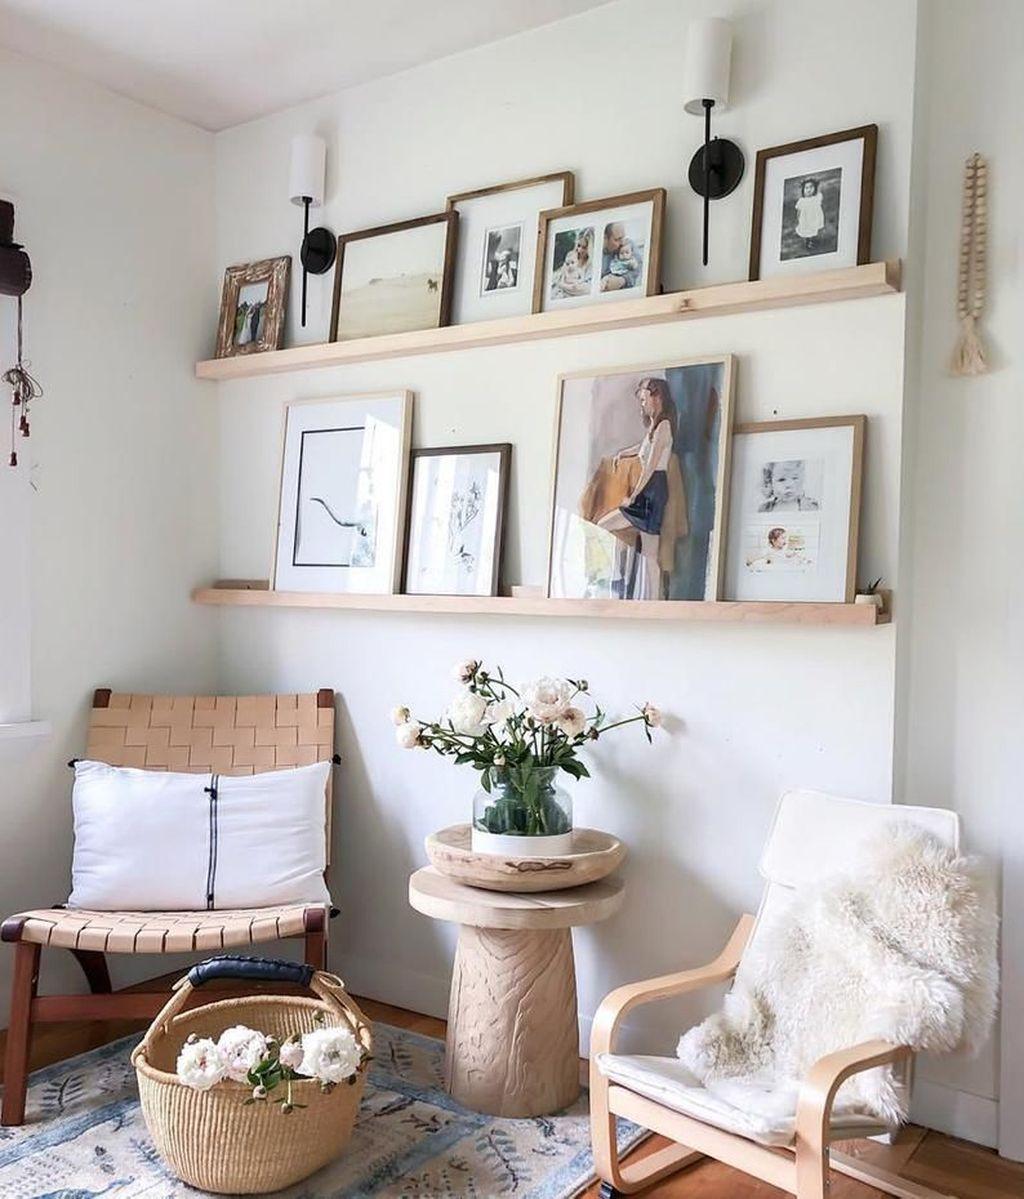 Inspiring Nautical Wall Decor Ideas For Living Room 11